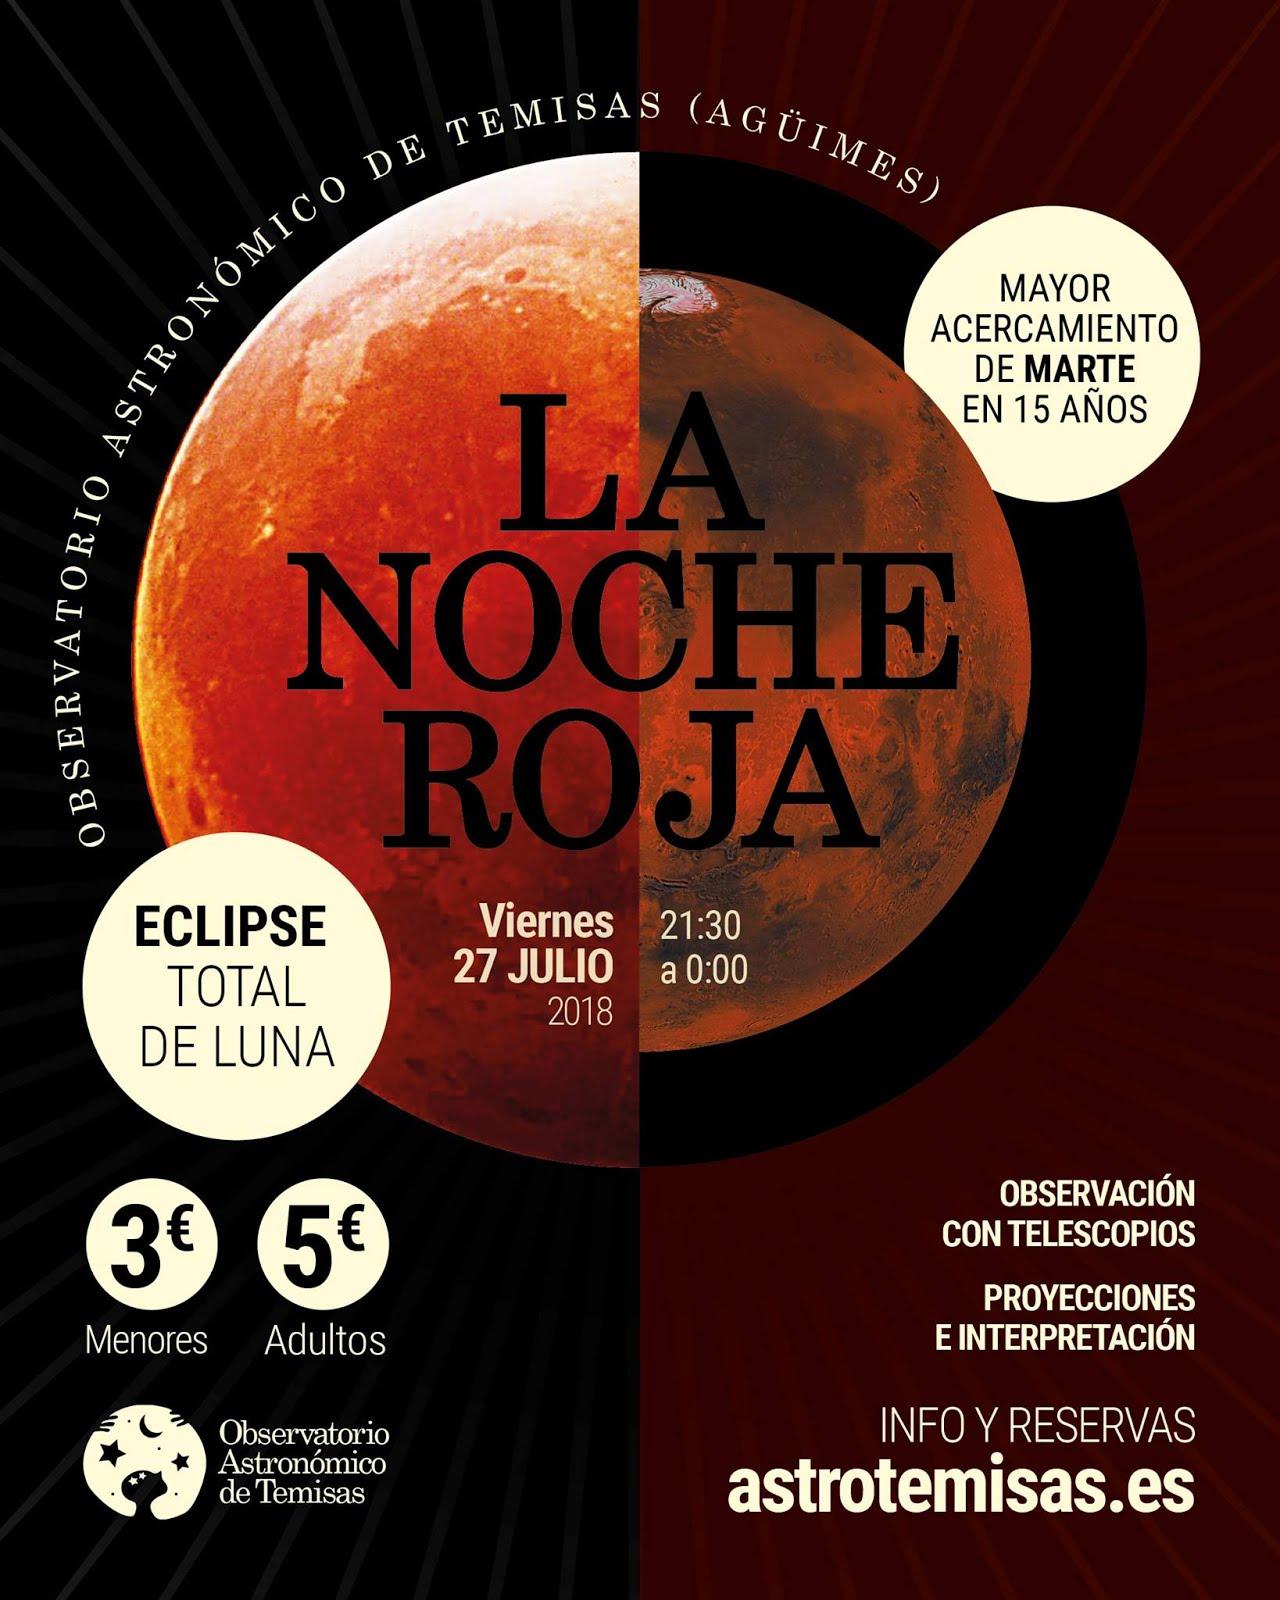 La Noche Roja en el Observatorio Astronómico de Temisas